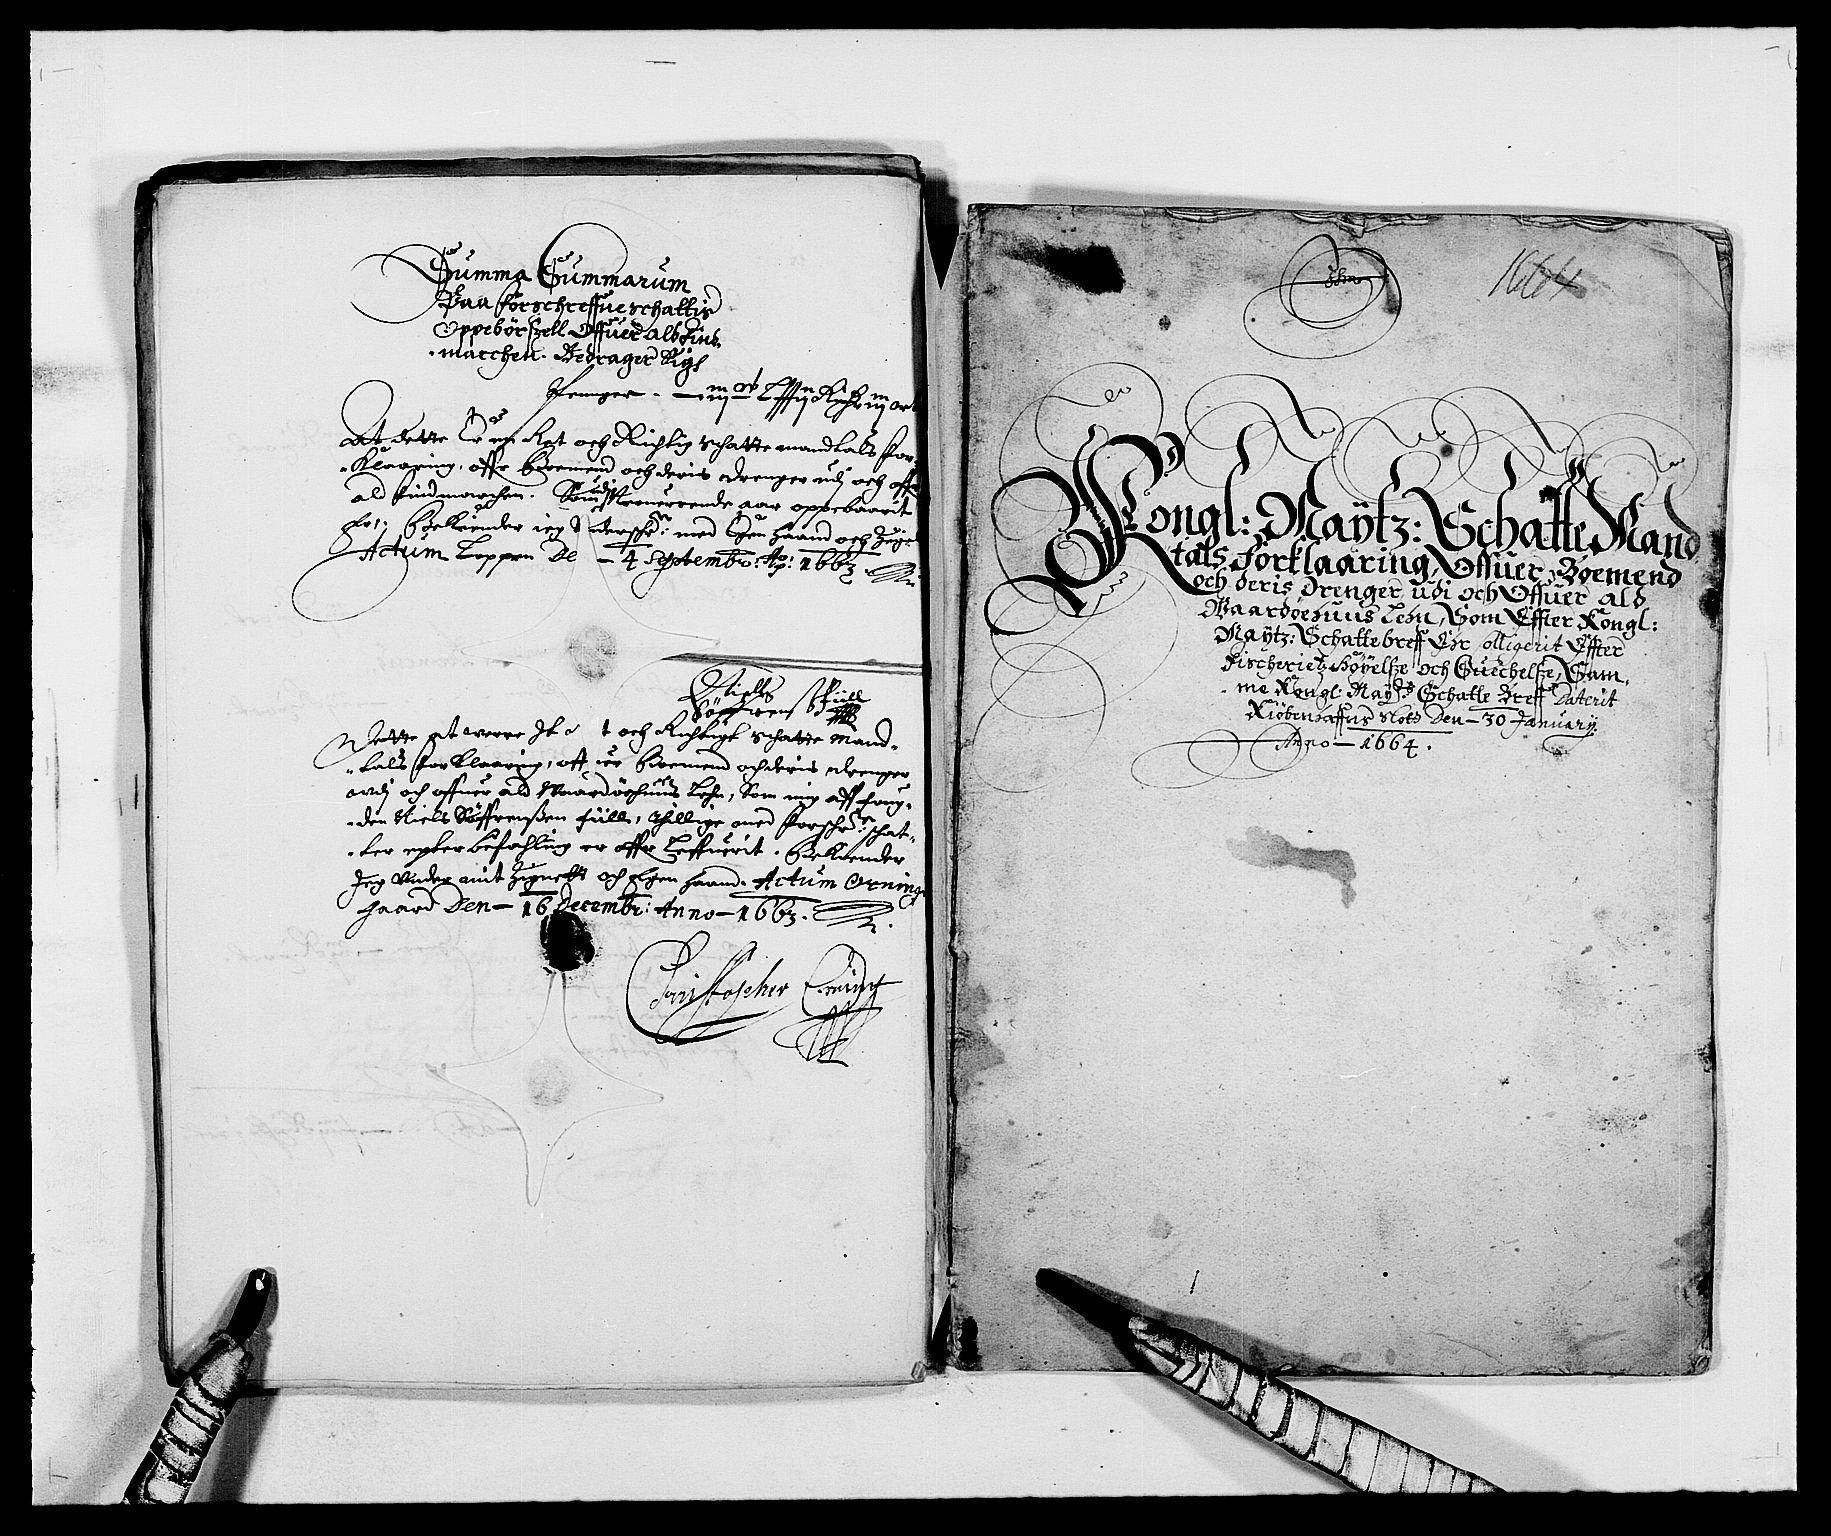 RA, Rentekammeret inntil 1814, Reviderte regnskaper, Fogderegnskap, R69/L4849: Fogderegnskap Finnmark/Vardøhus, 1661-1679, s. 49